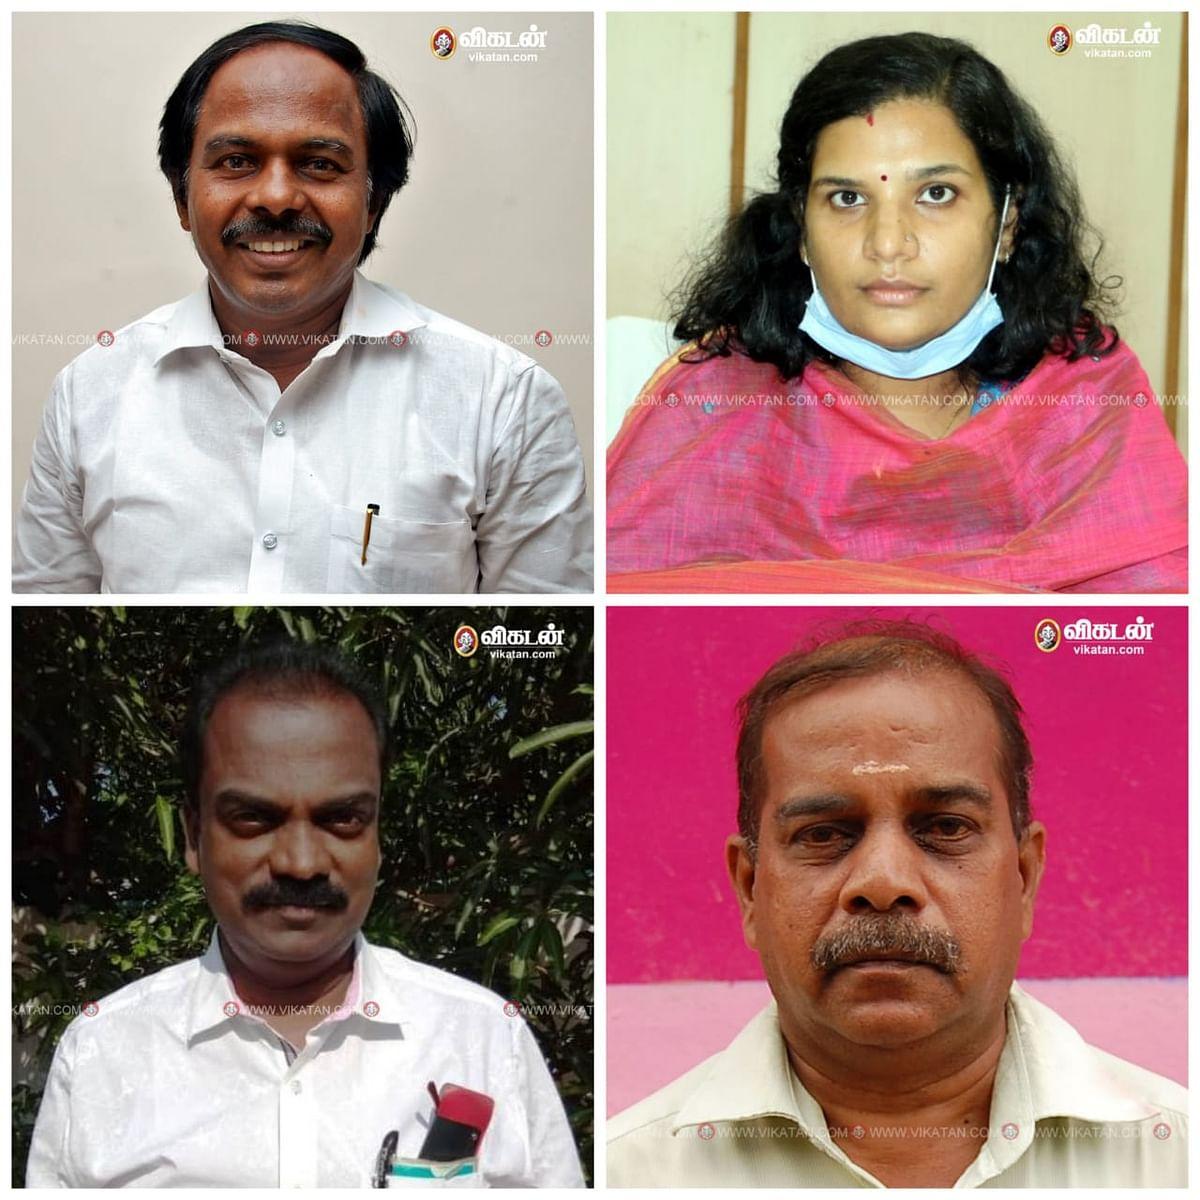 அமைச்சர் மனோ தங்கராஜ், ஆணையாளர் ஆஷா அஜித், டேவிட்சன், ஸ்ரீராம்